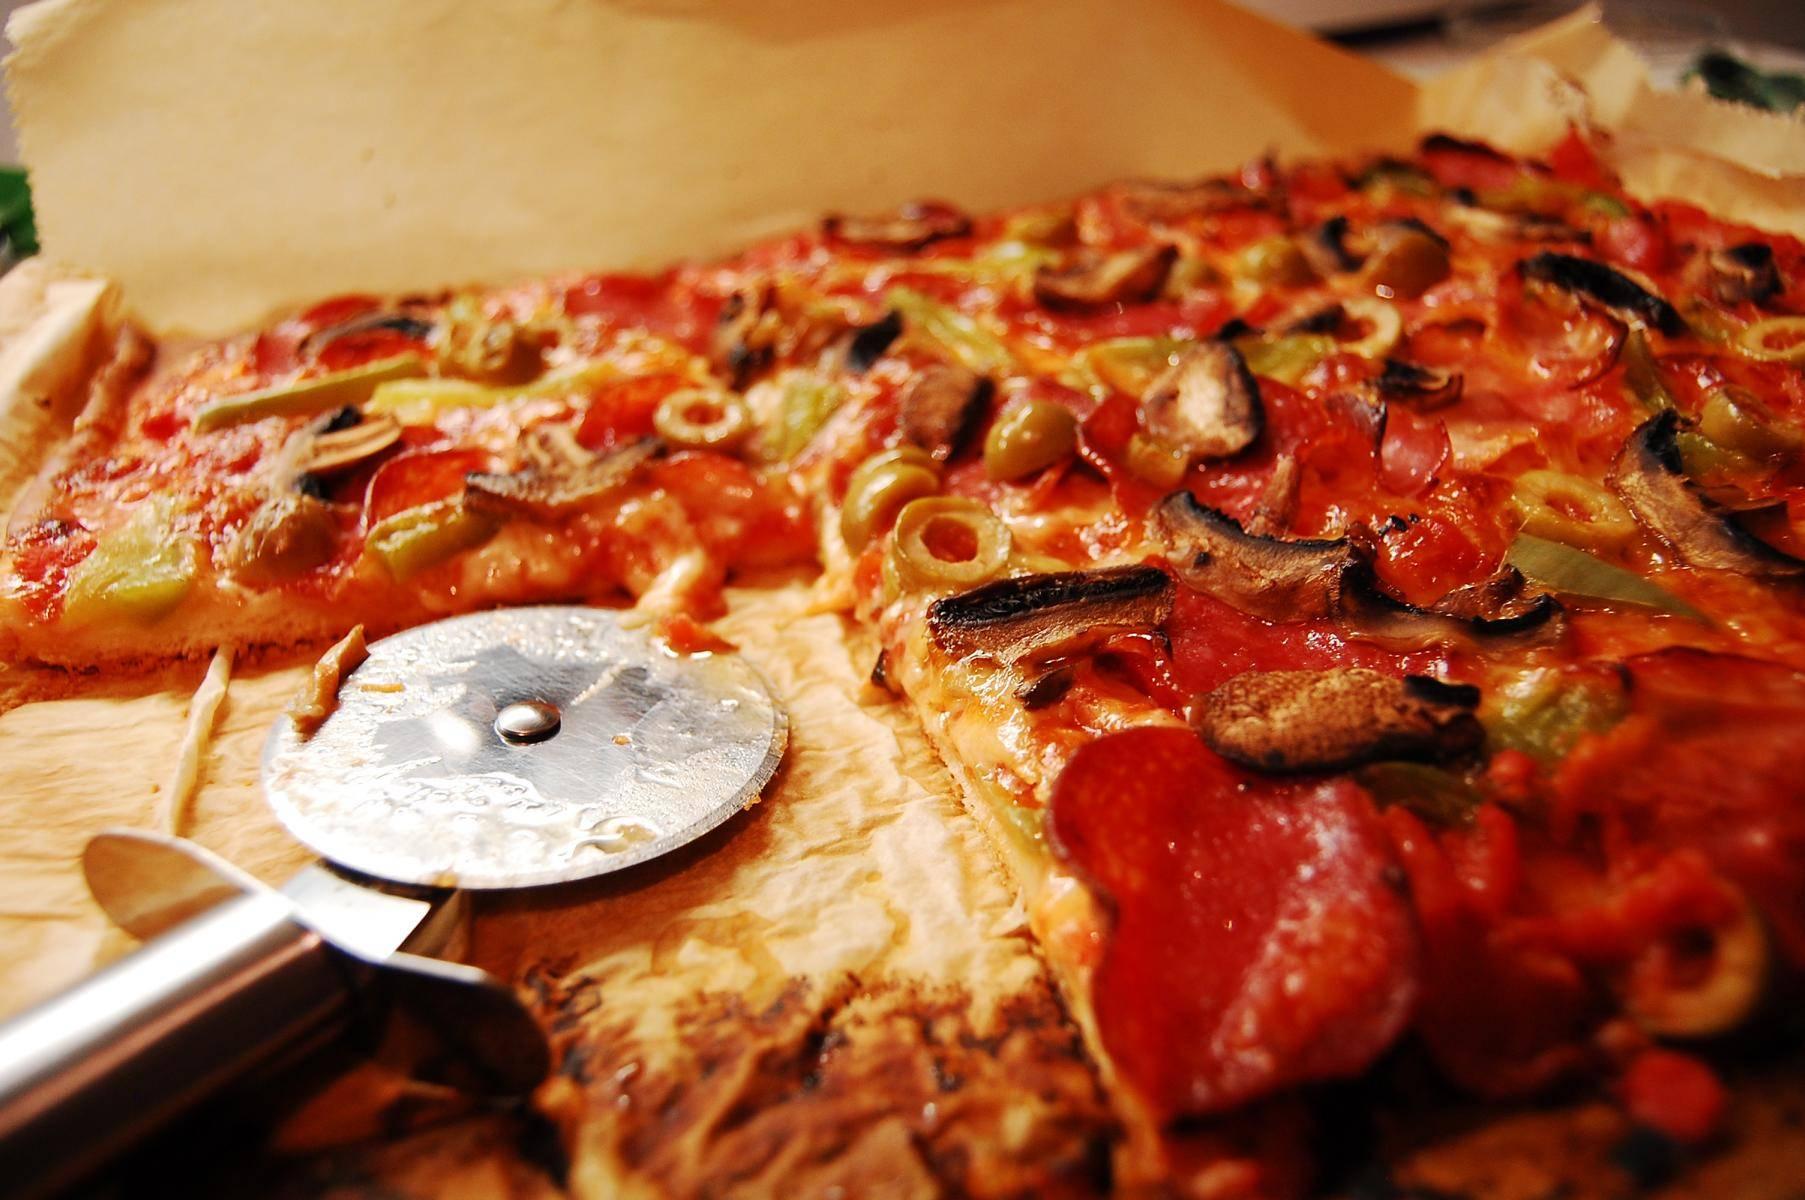 Zuckerfreie Pizza ist genauso lecker wie normale Pizza